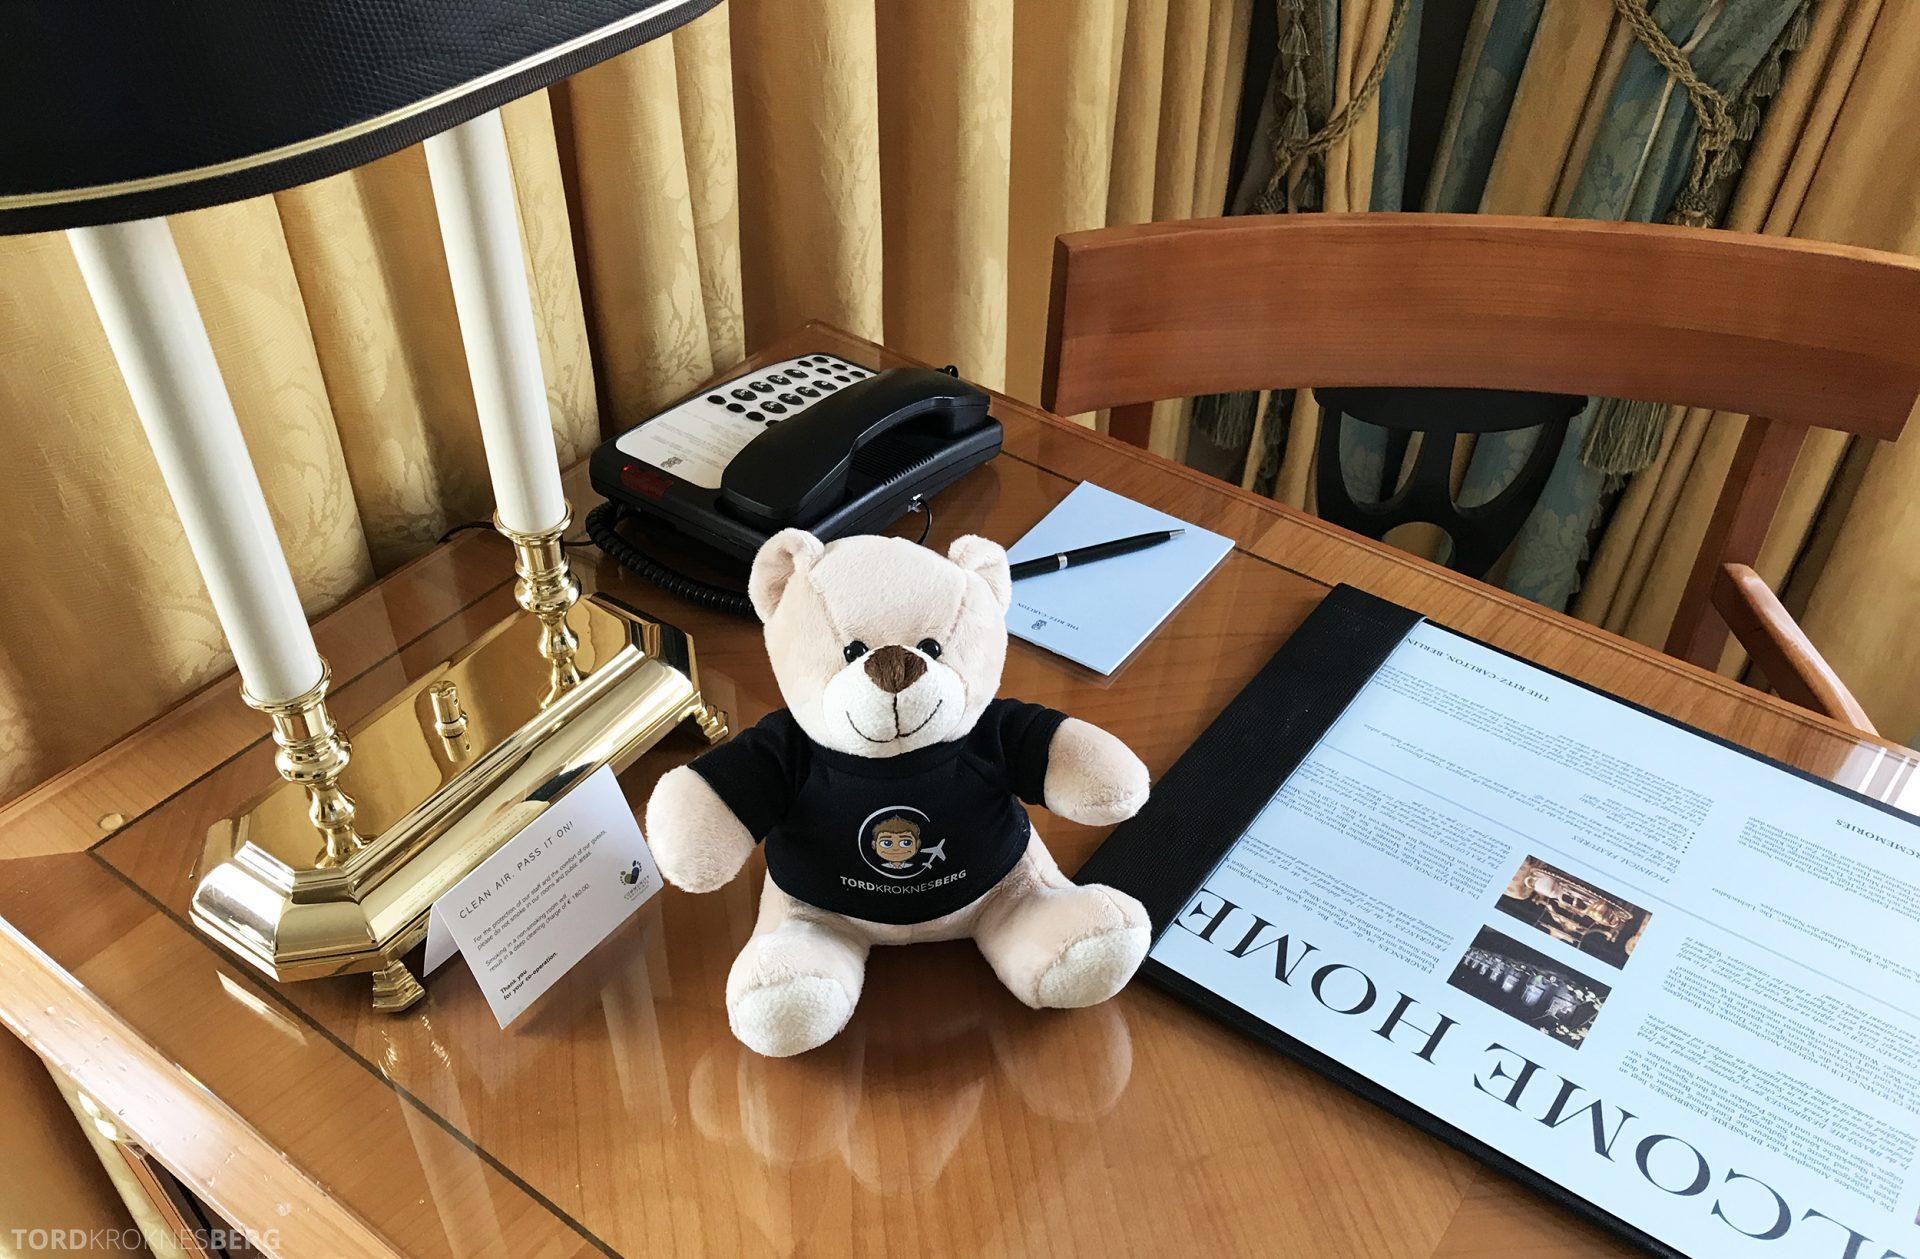 The Ritz-Carlton Berlin reisefølget bord